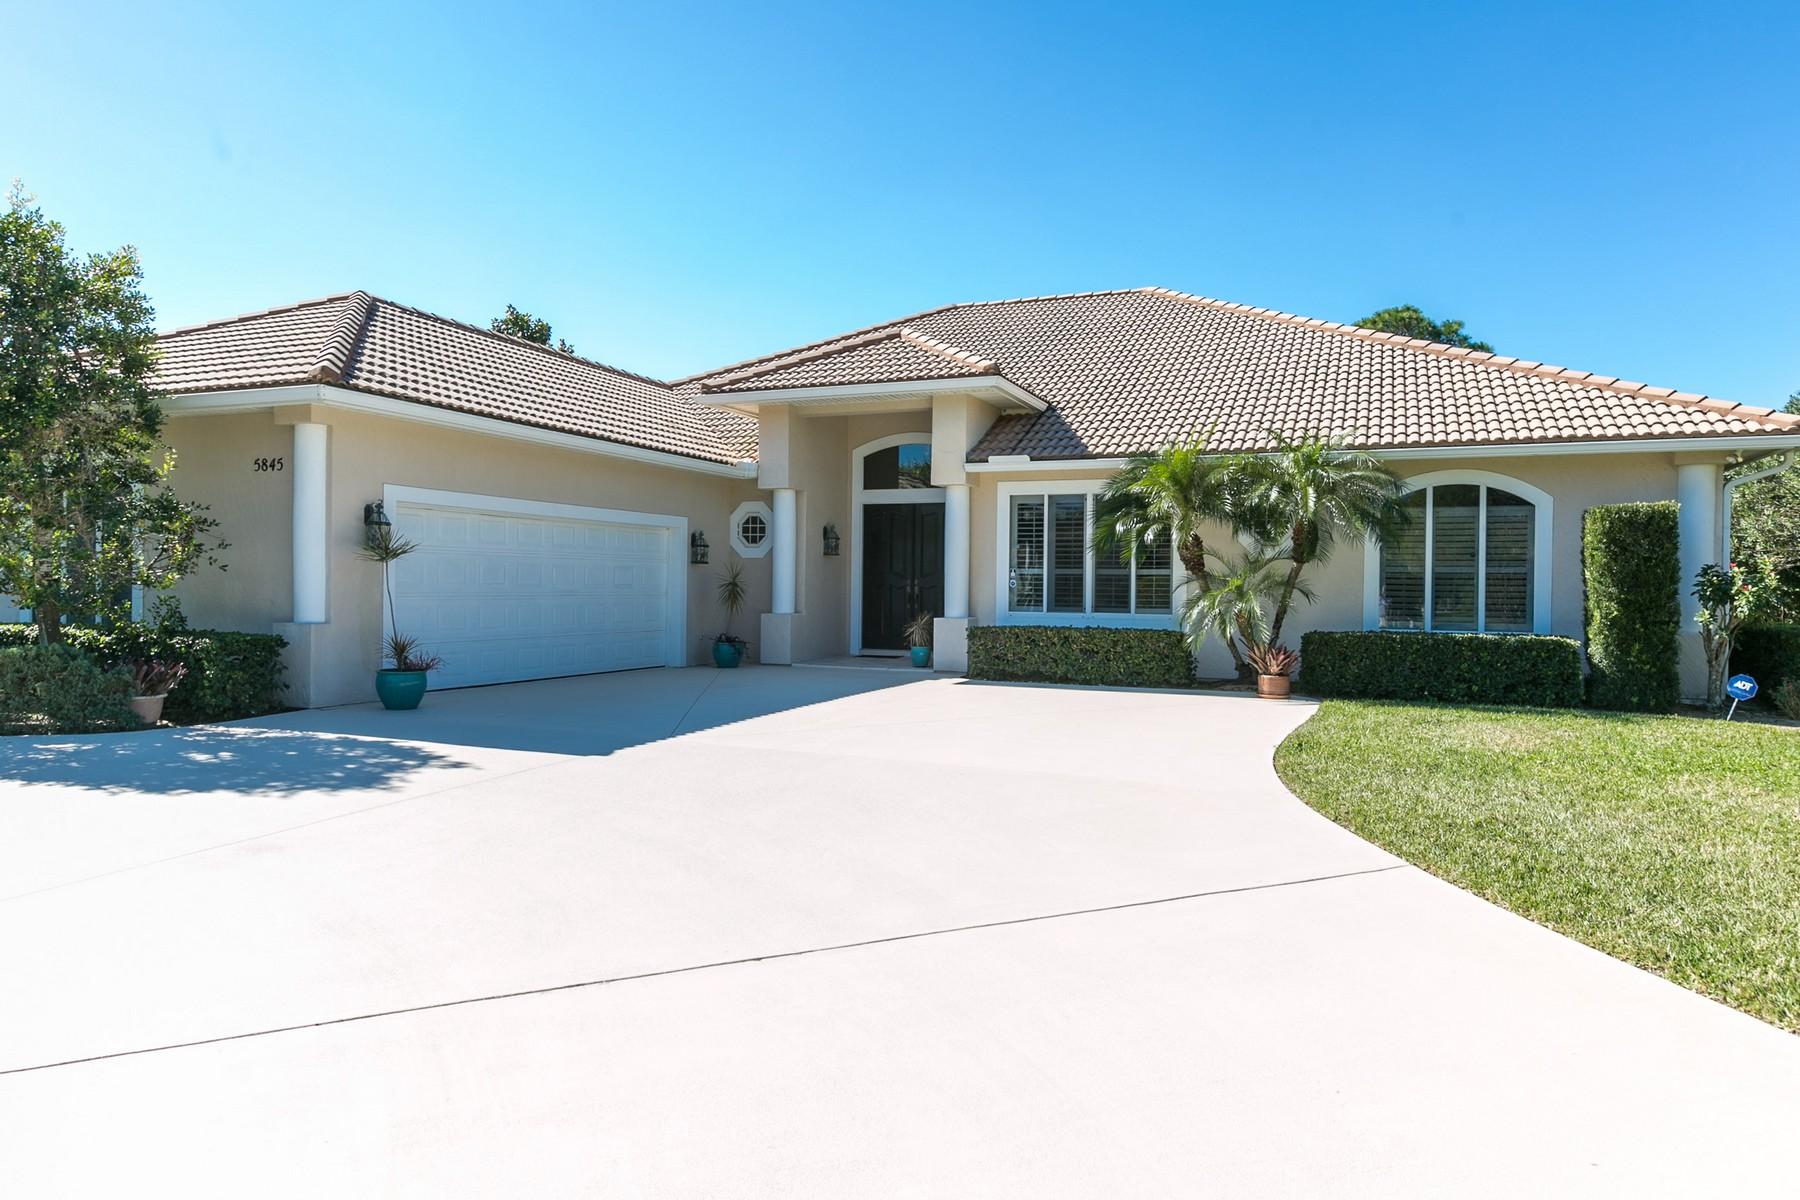 Casa Unifamiliar por un Venta en Pool Home in Bent Pine 5845 Turnberry Lane Vero Beach, Florida, 32967 Estados Unidos